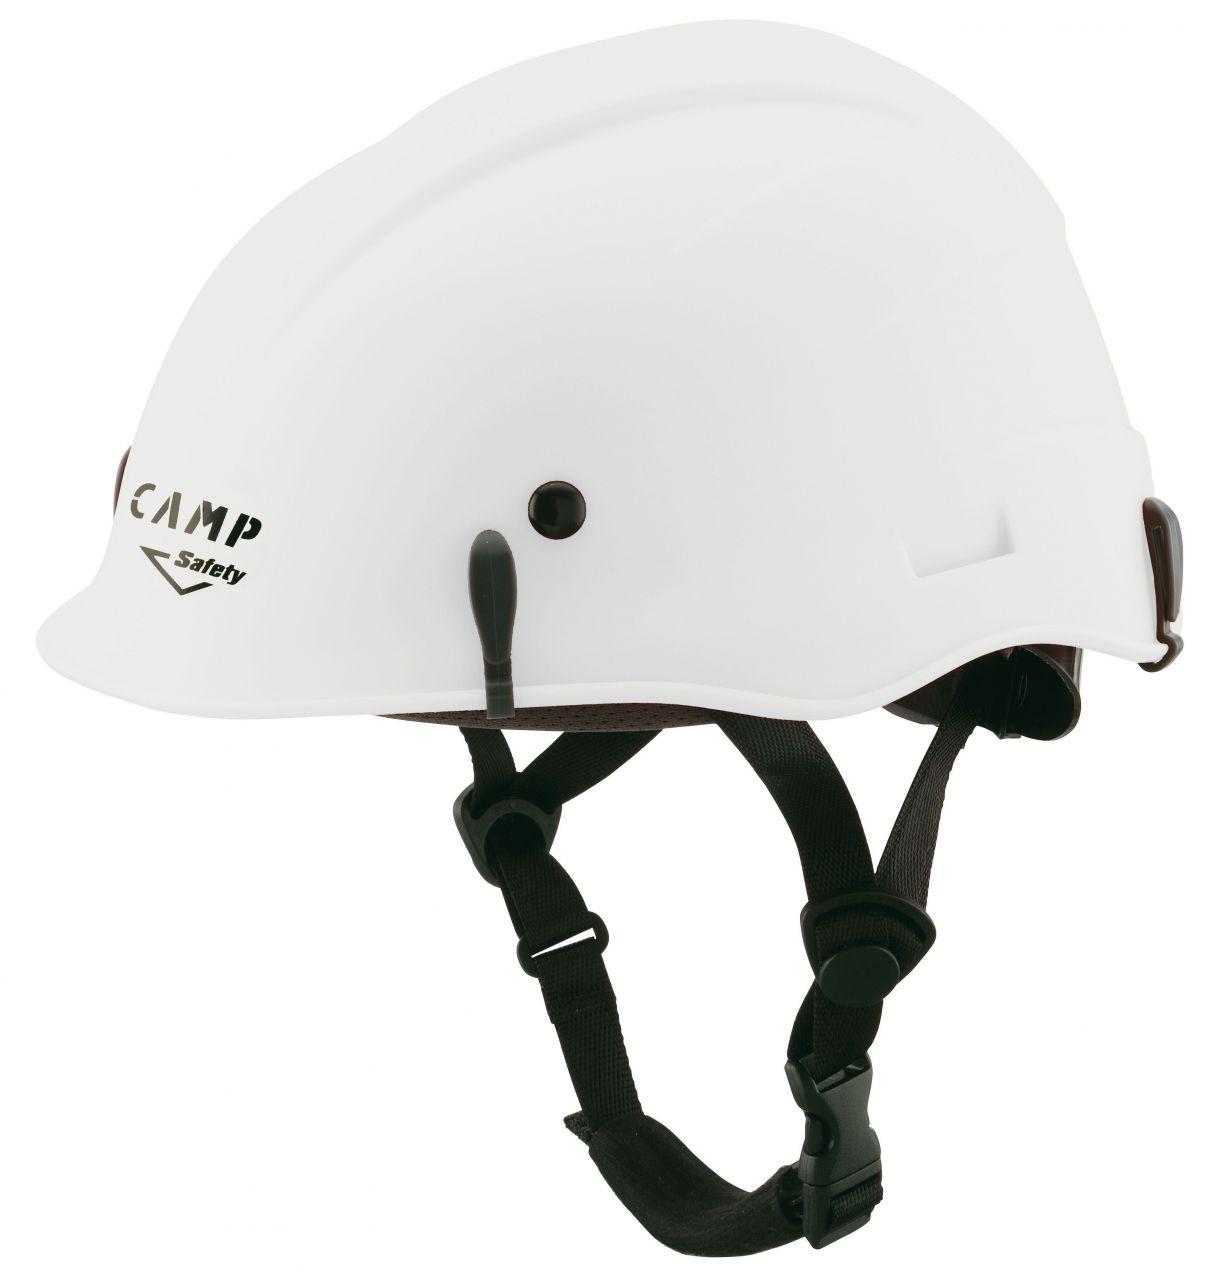 CAMP Skylor plus munkavédelmi védősisak